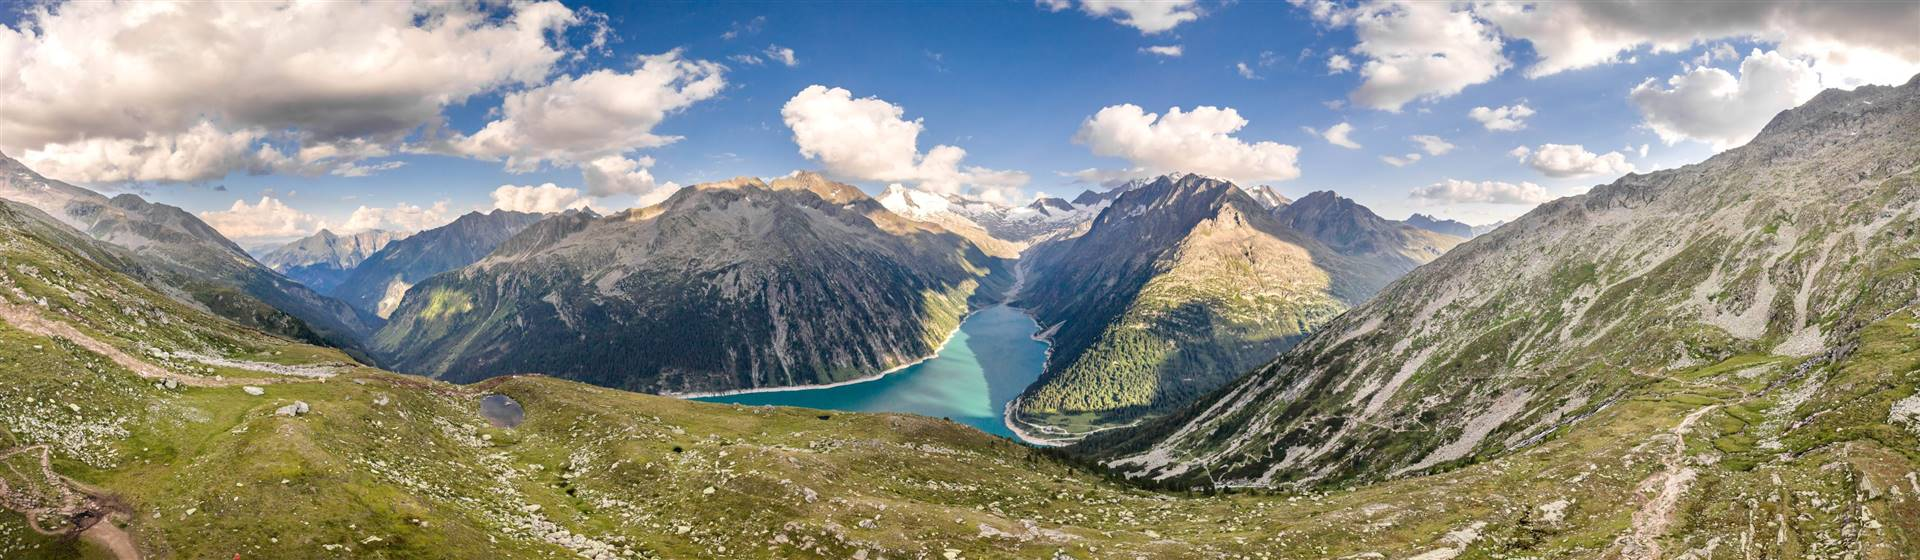 """<img src=""""zillertalalpspan-shutterstock.jpeg"""" alt=""""Zillertal Alps""""/>"""